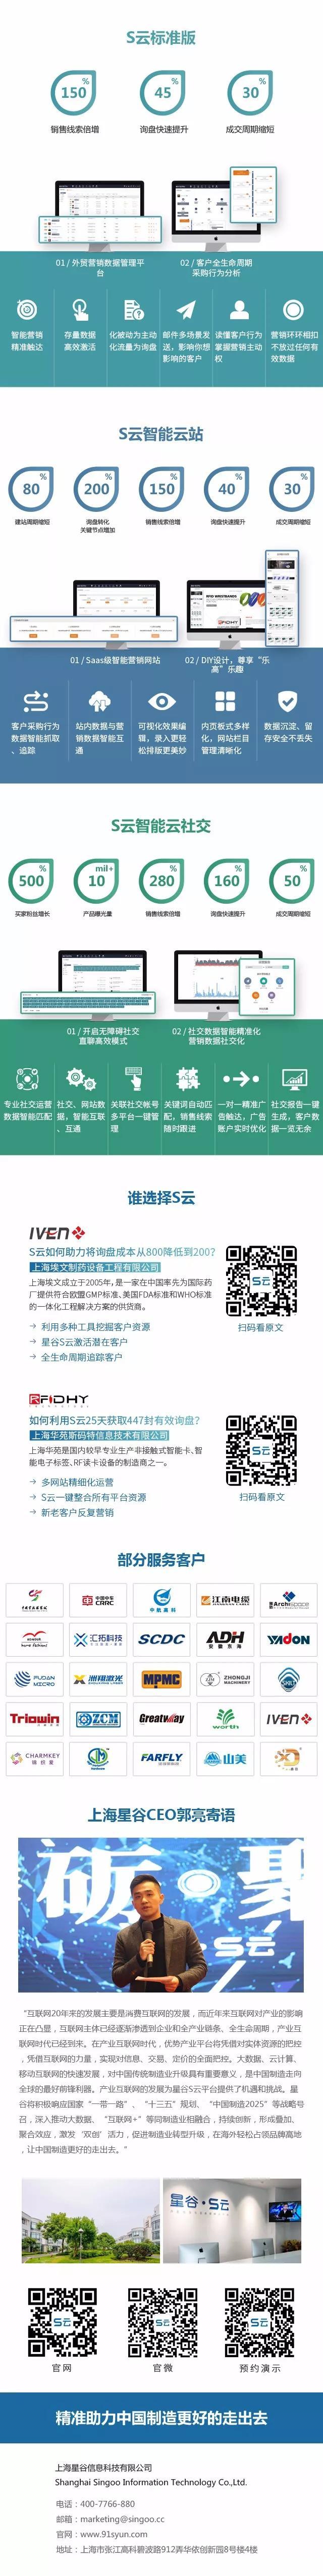 上海星谷专注外贸营销推广